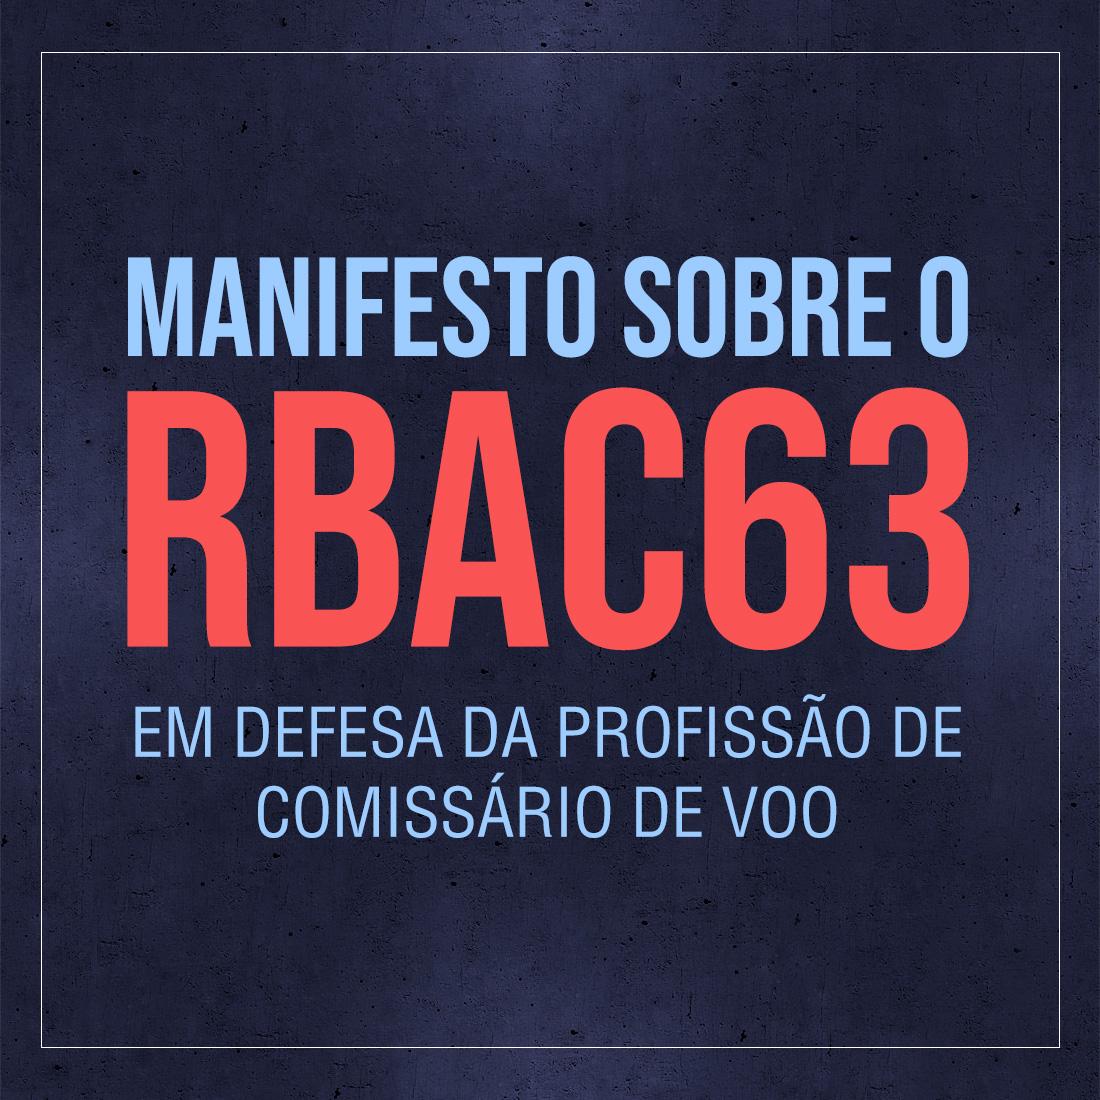 manifesto sobre o rbac63 em defesa da profissão de comissário de voo mobile